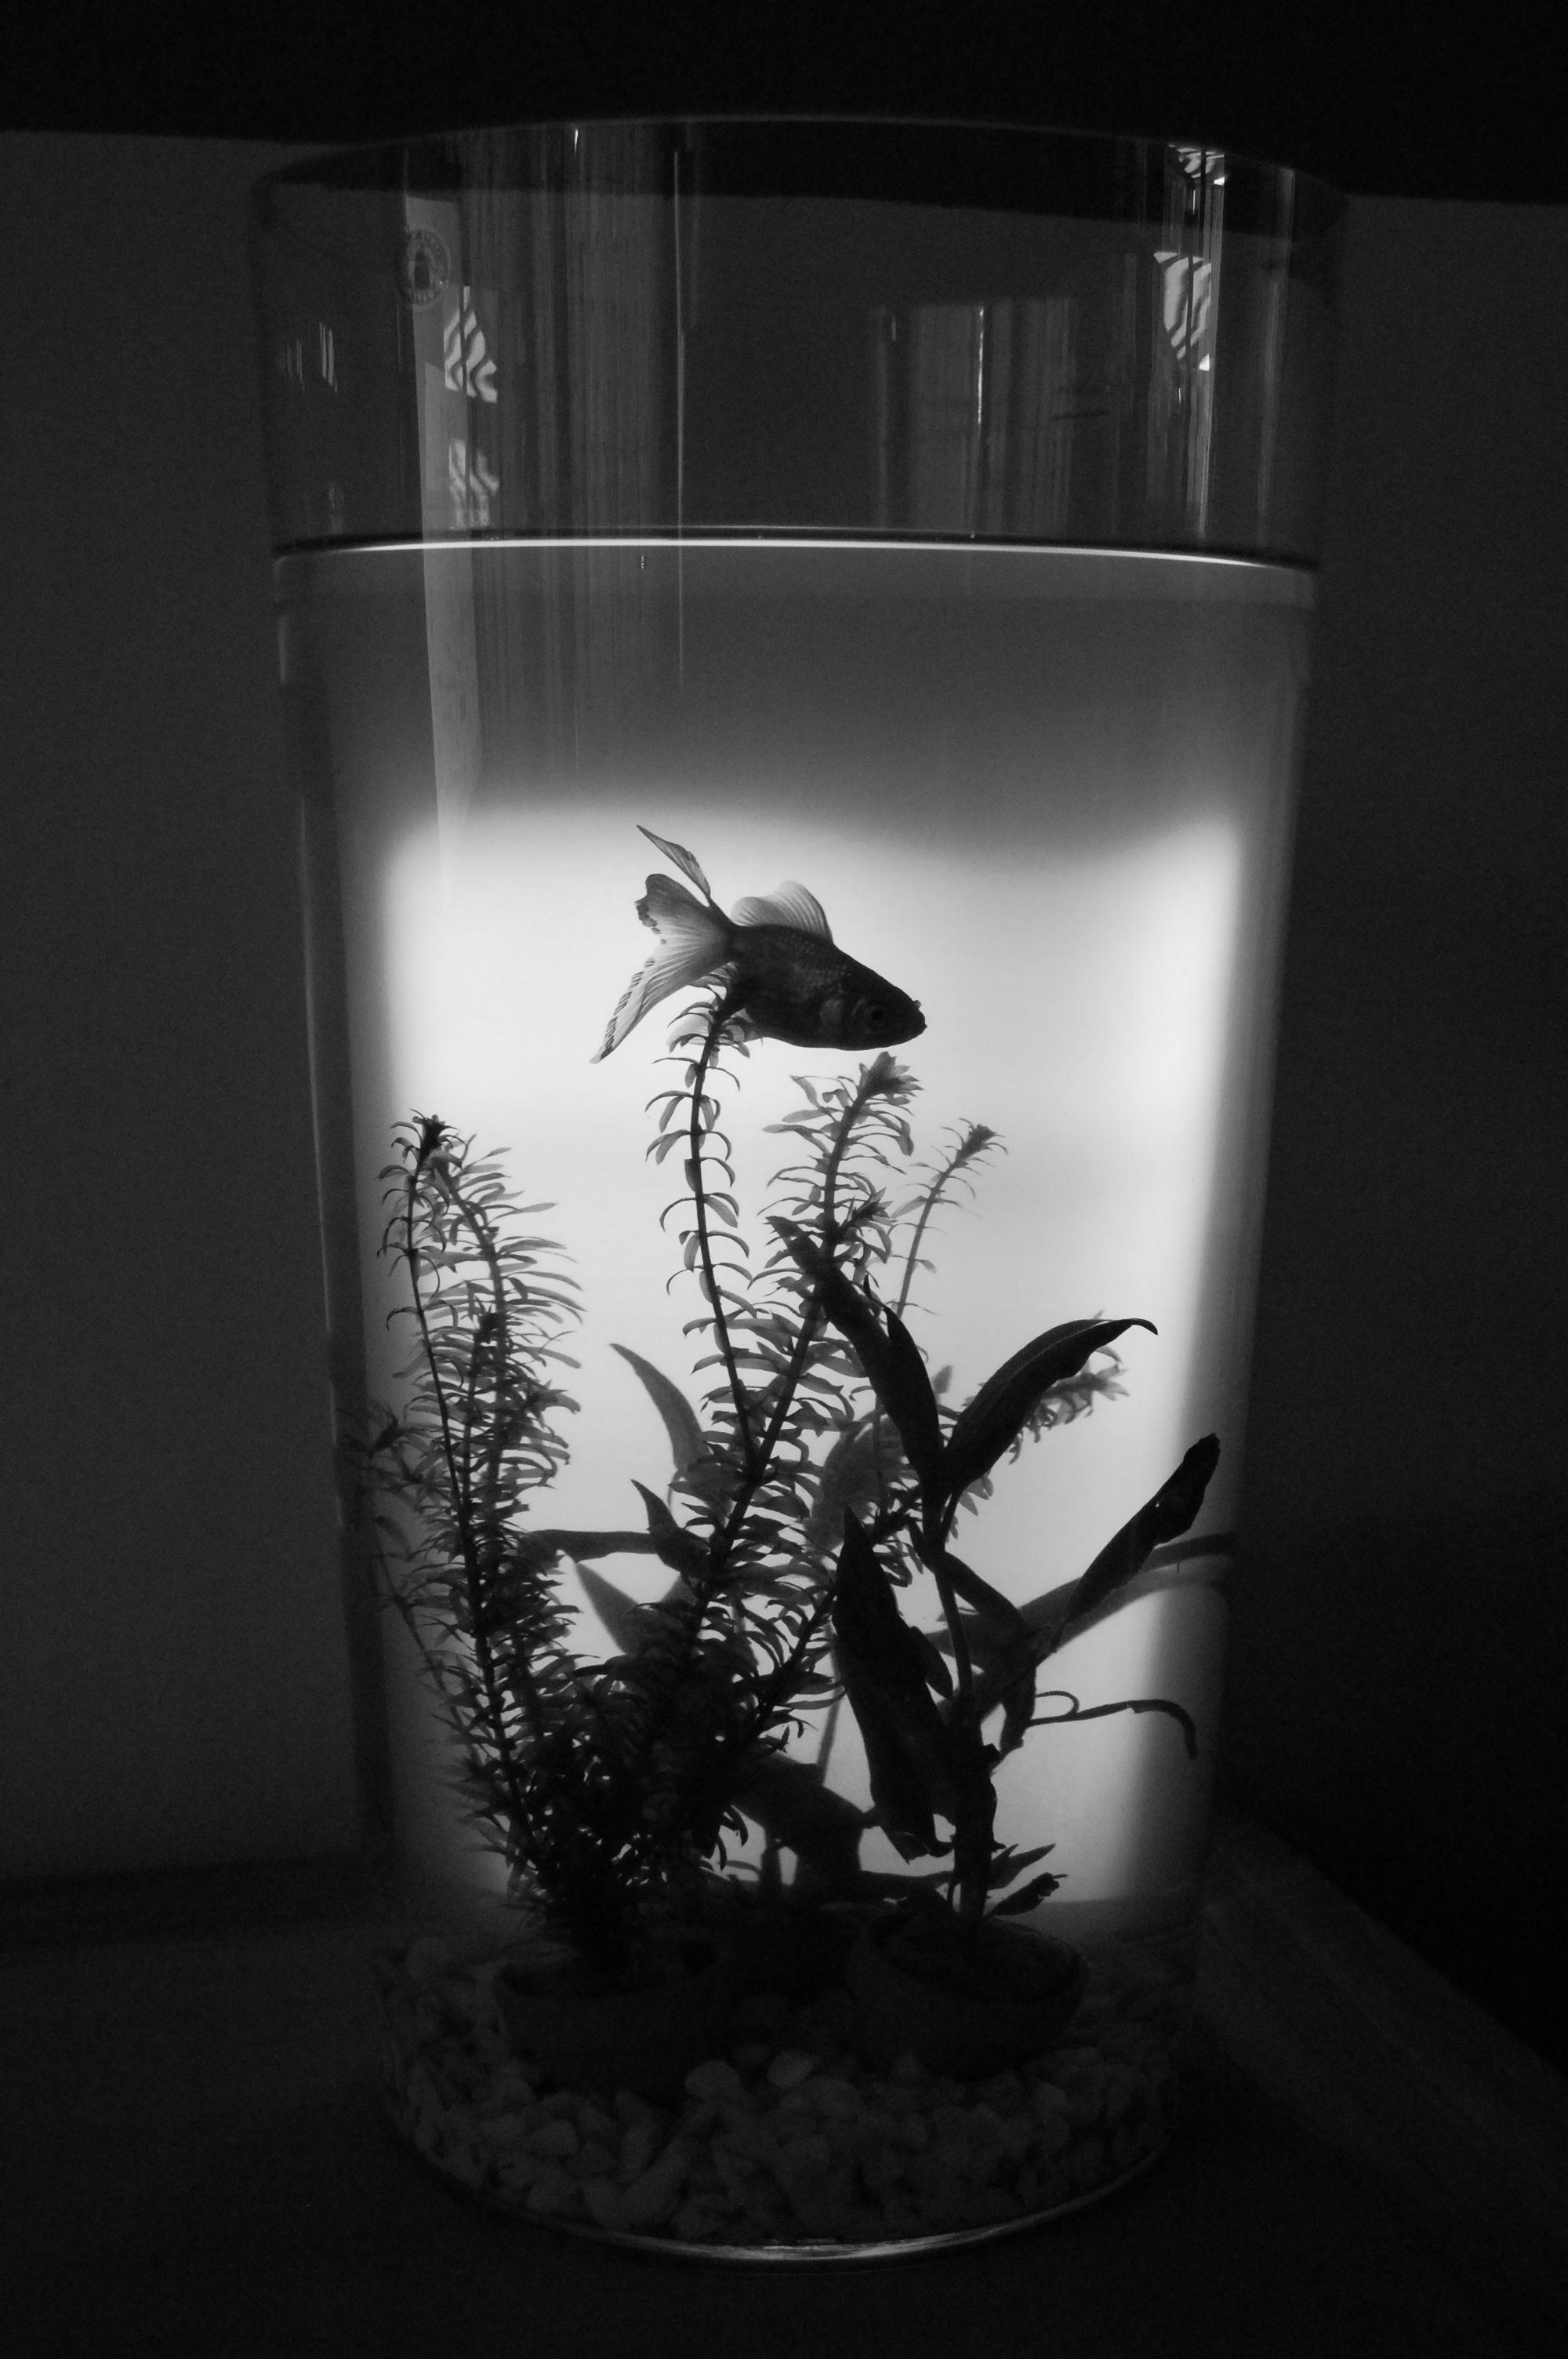 mijn vis... de zon zat achter de bokaal op de muur en geeft dit resultaat... knap e